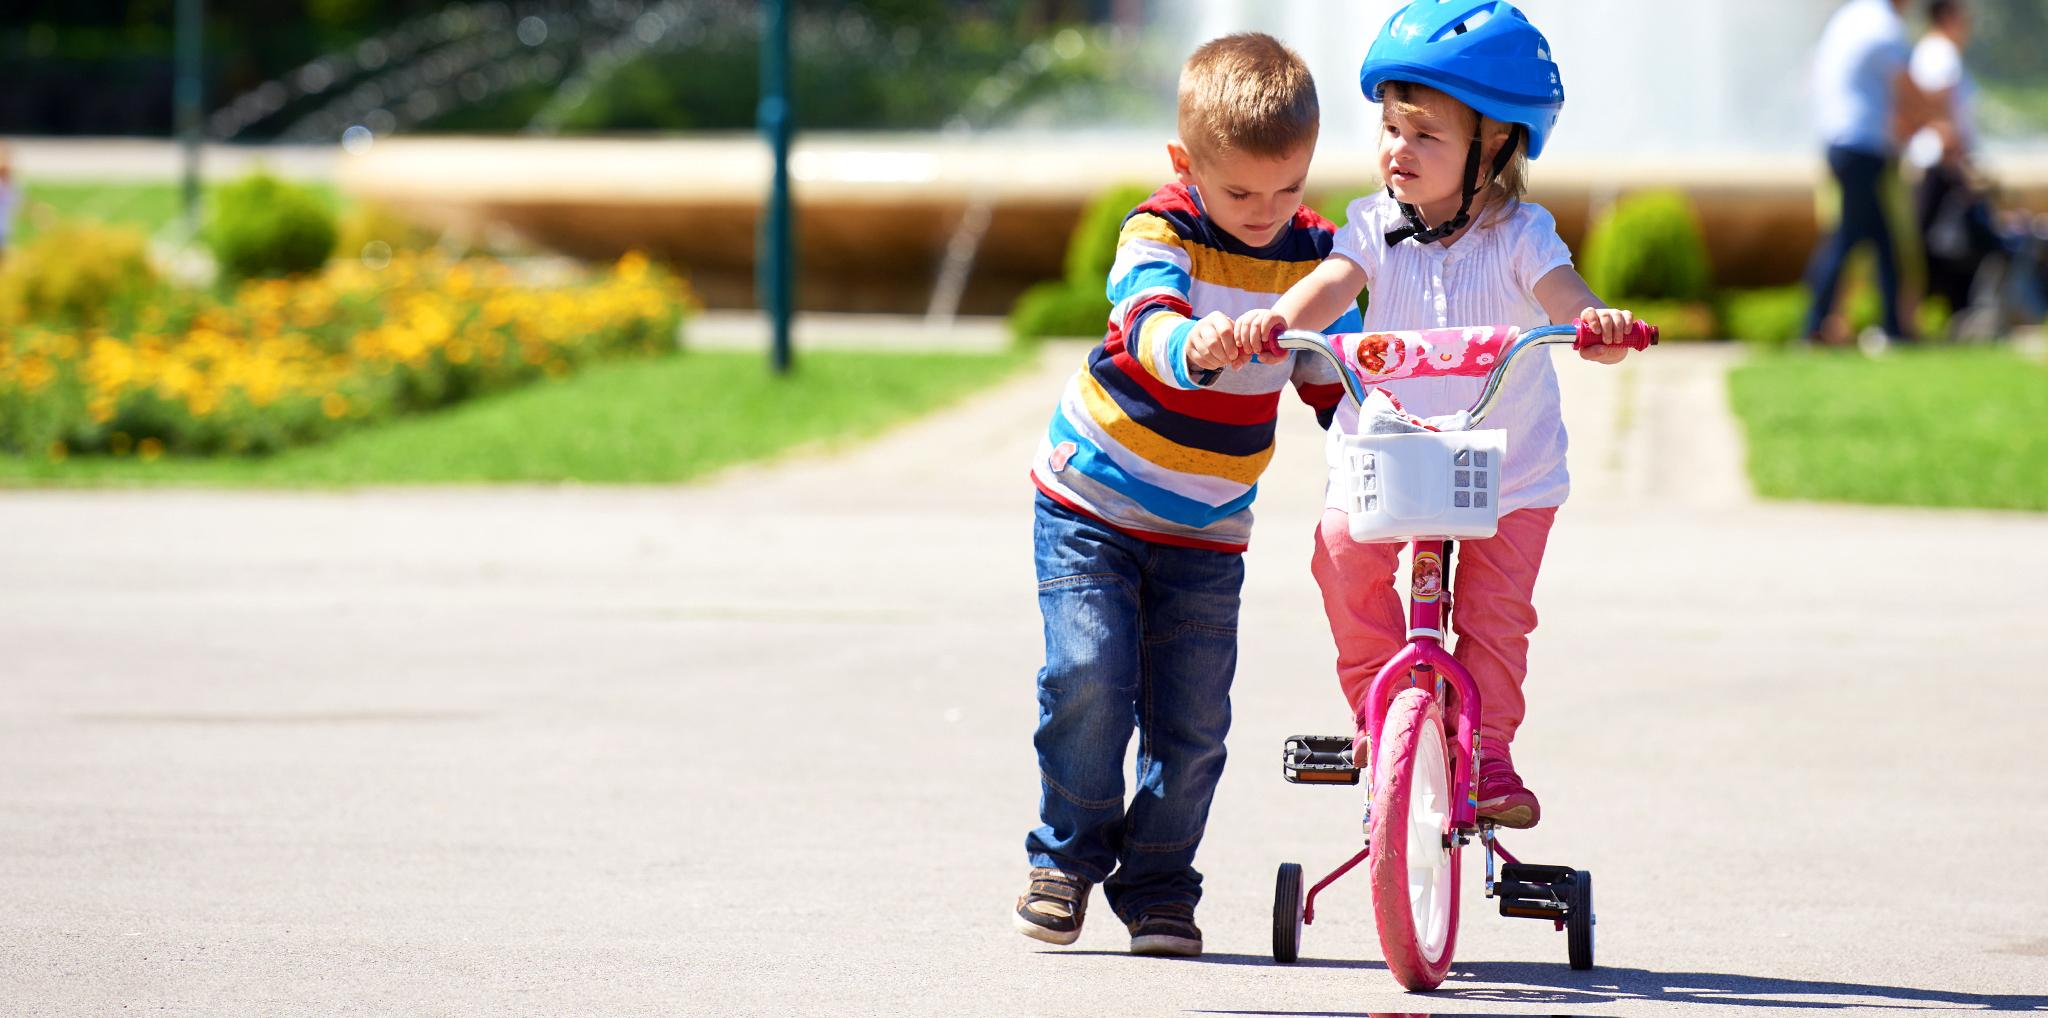 Child-Behavior-Motivation-Incentives.jpg